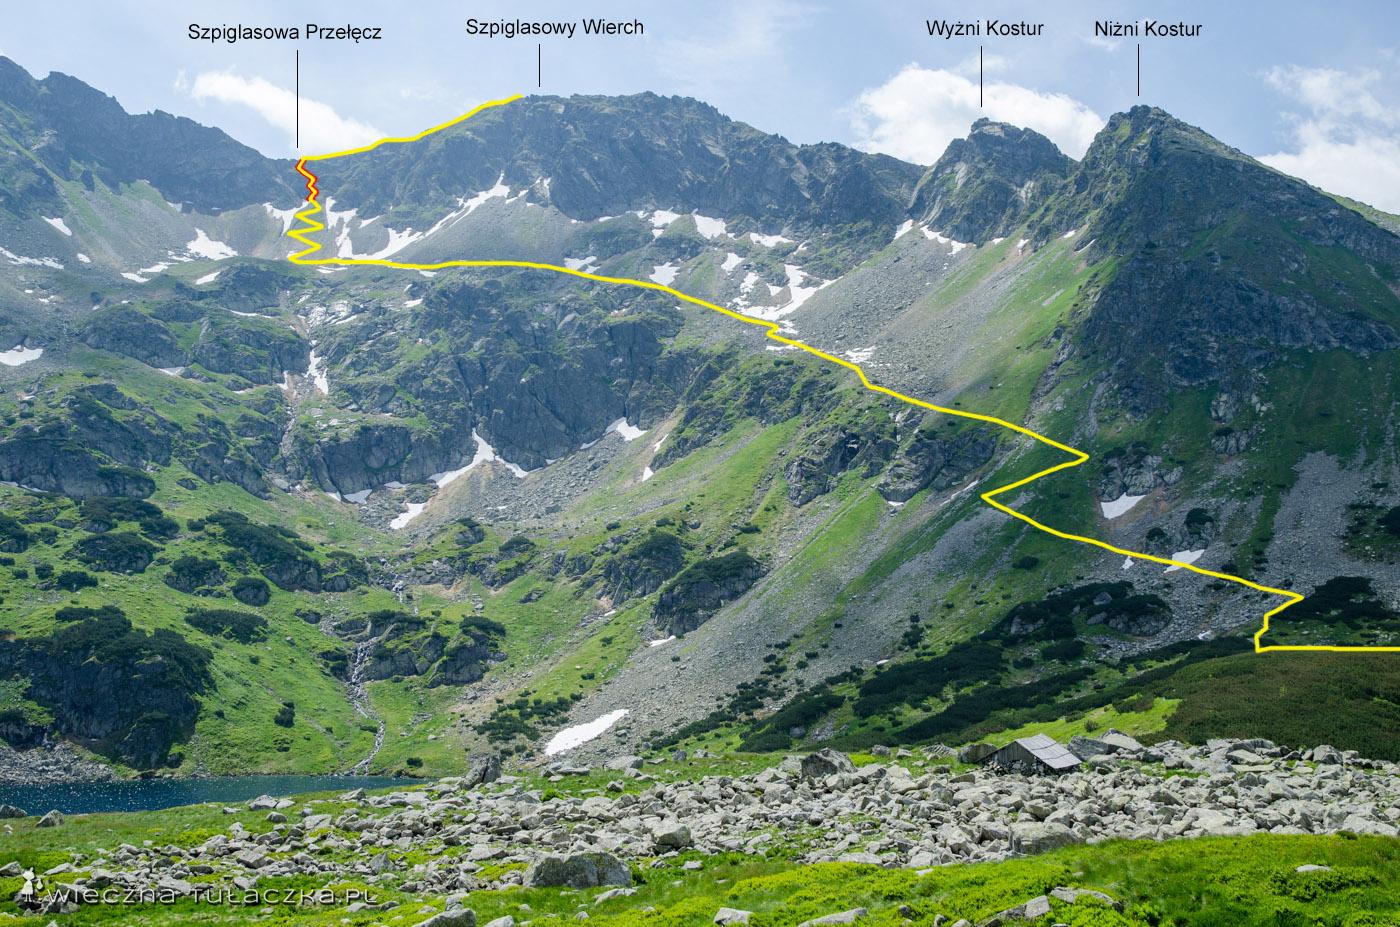 Schemat szlaku na Szpiglasową Przełęcz oraz Szpiglasowy Wierch. Kolor czerwony oznacza skalny teren zaopatrzony w łańcuchy.